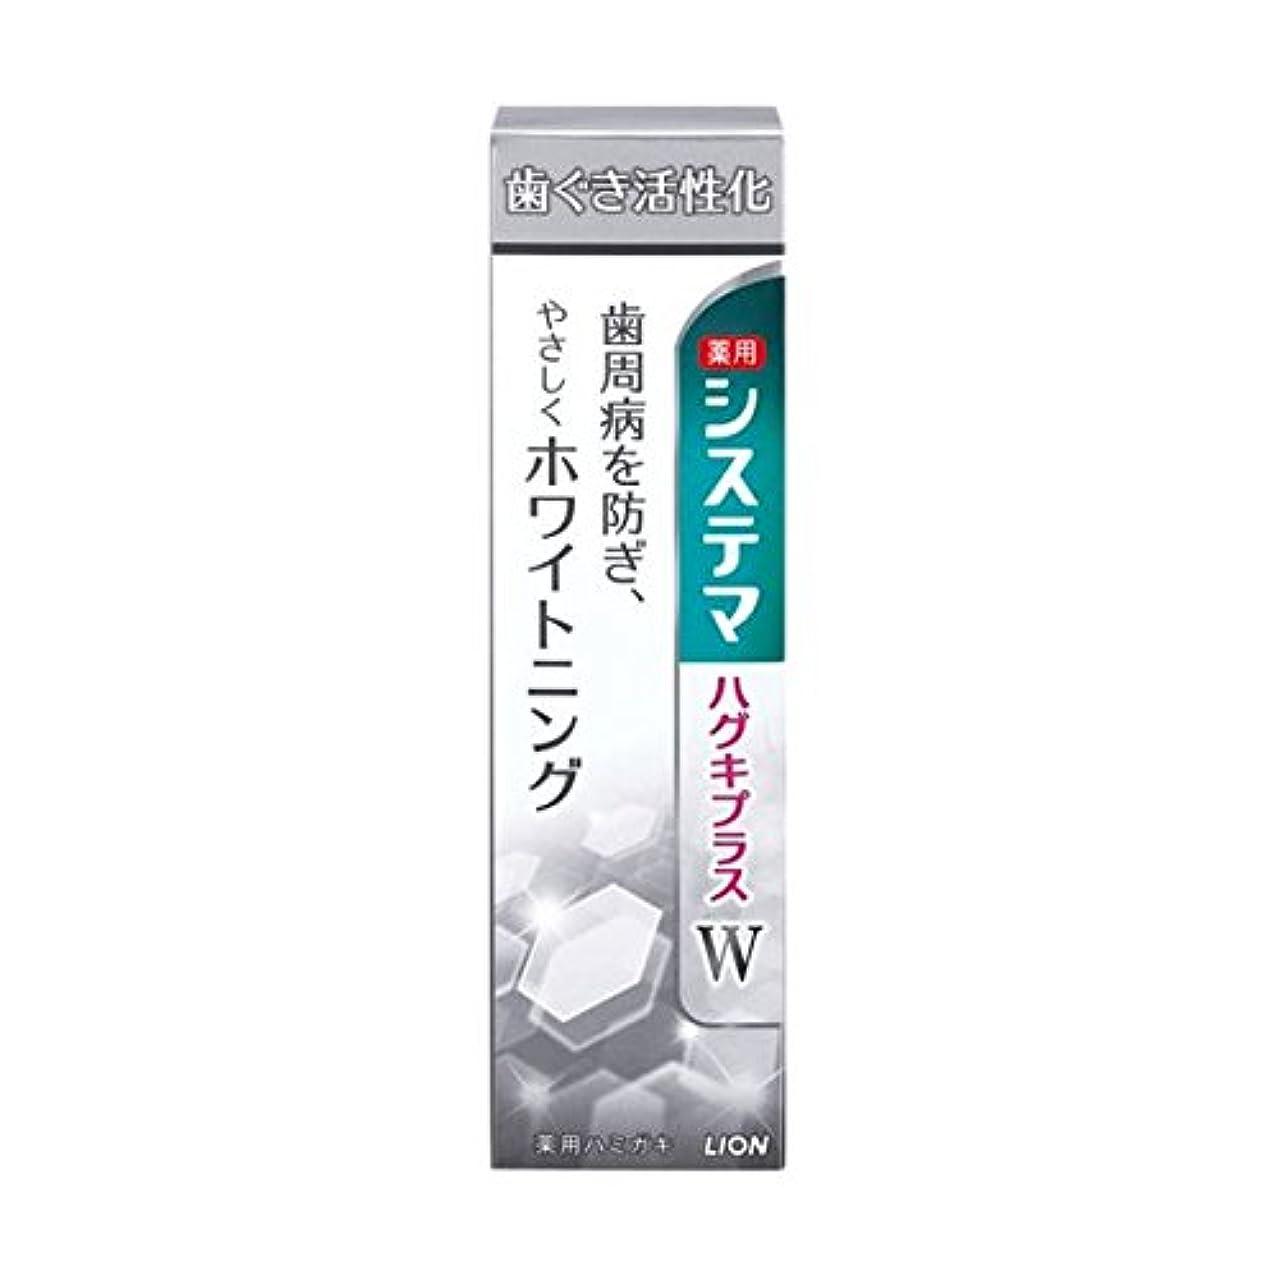 カウンターパート知覚する白内障システマ ハグキプラスW ハミガキ 95g (医薬部外品) ×3個セット